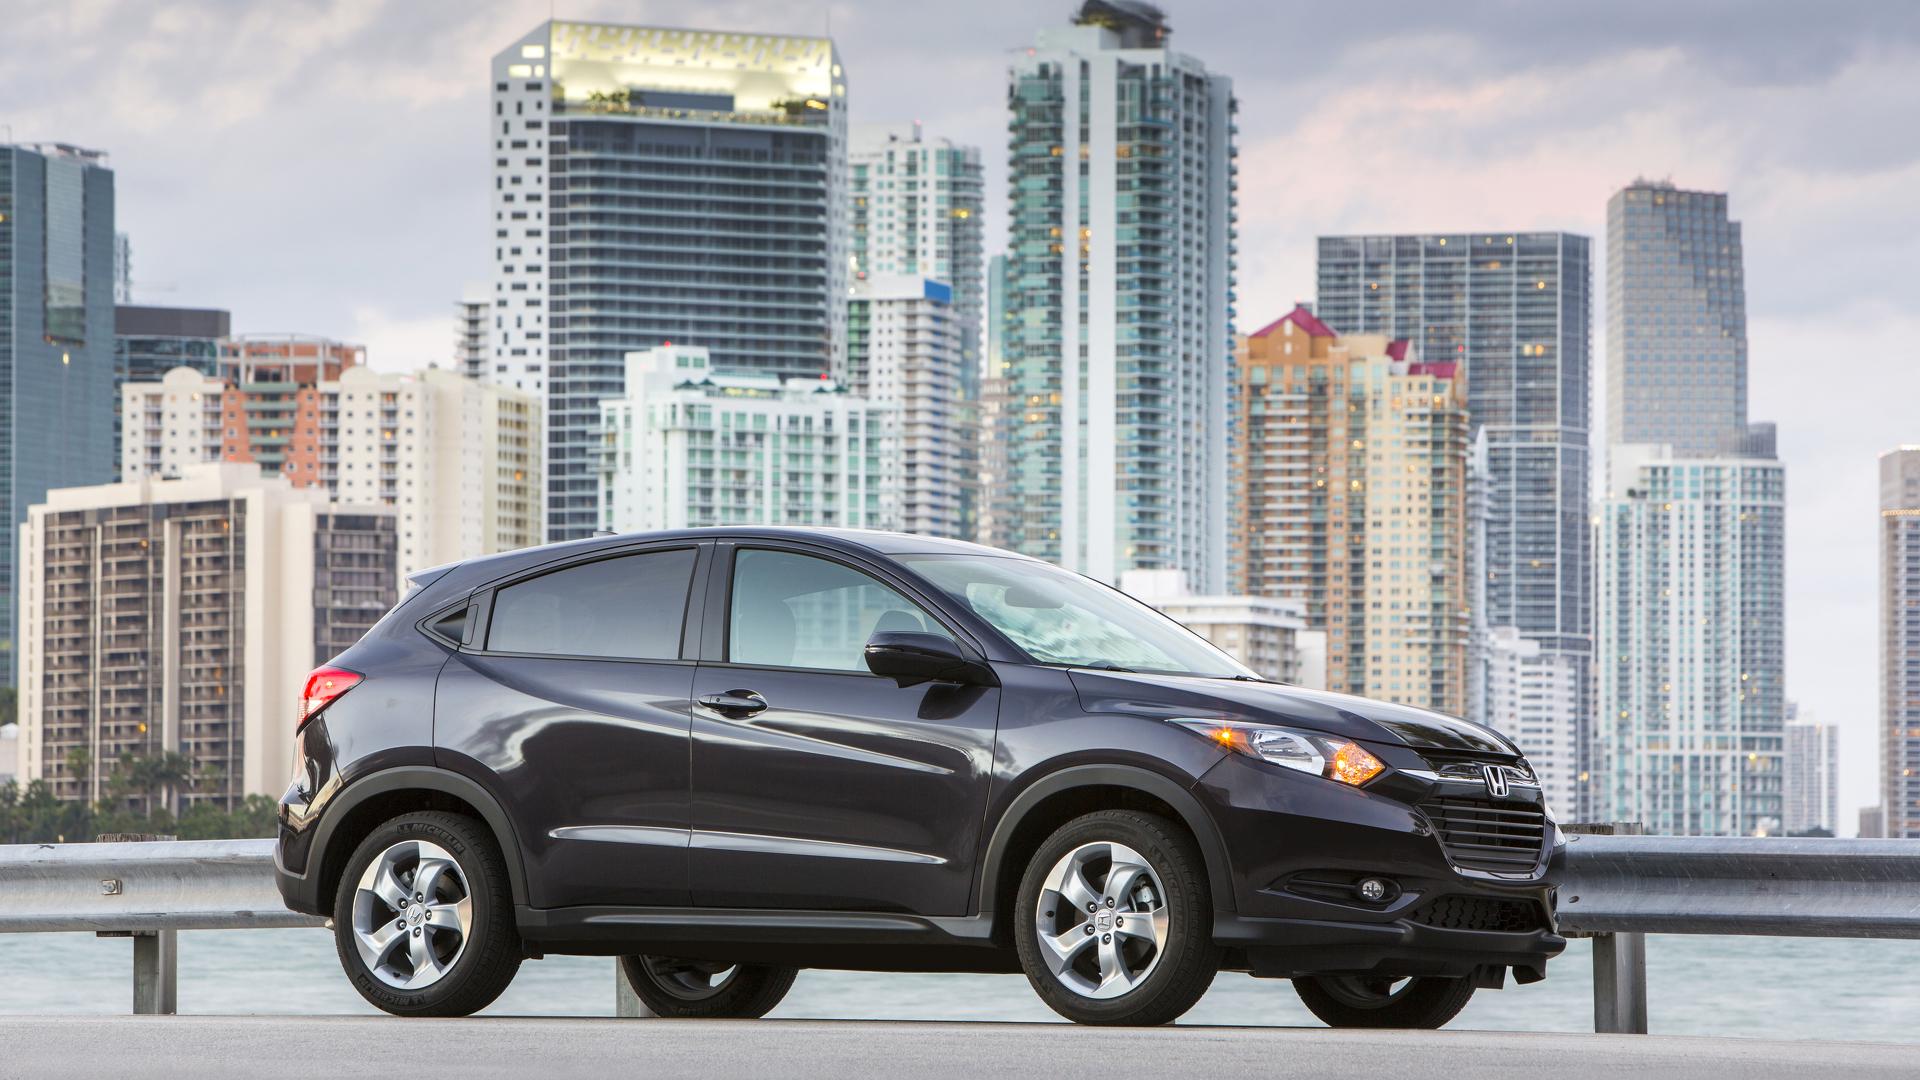 Honda Hr V News And Reviews Motor1com